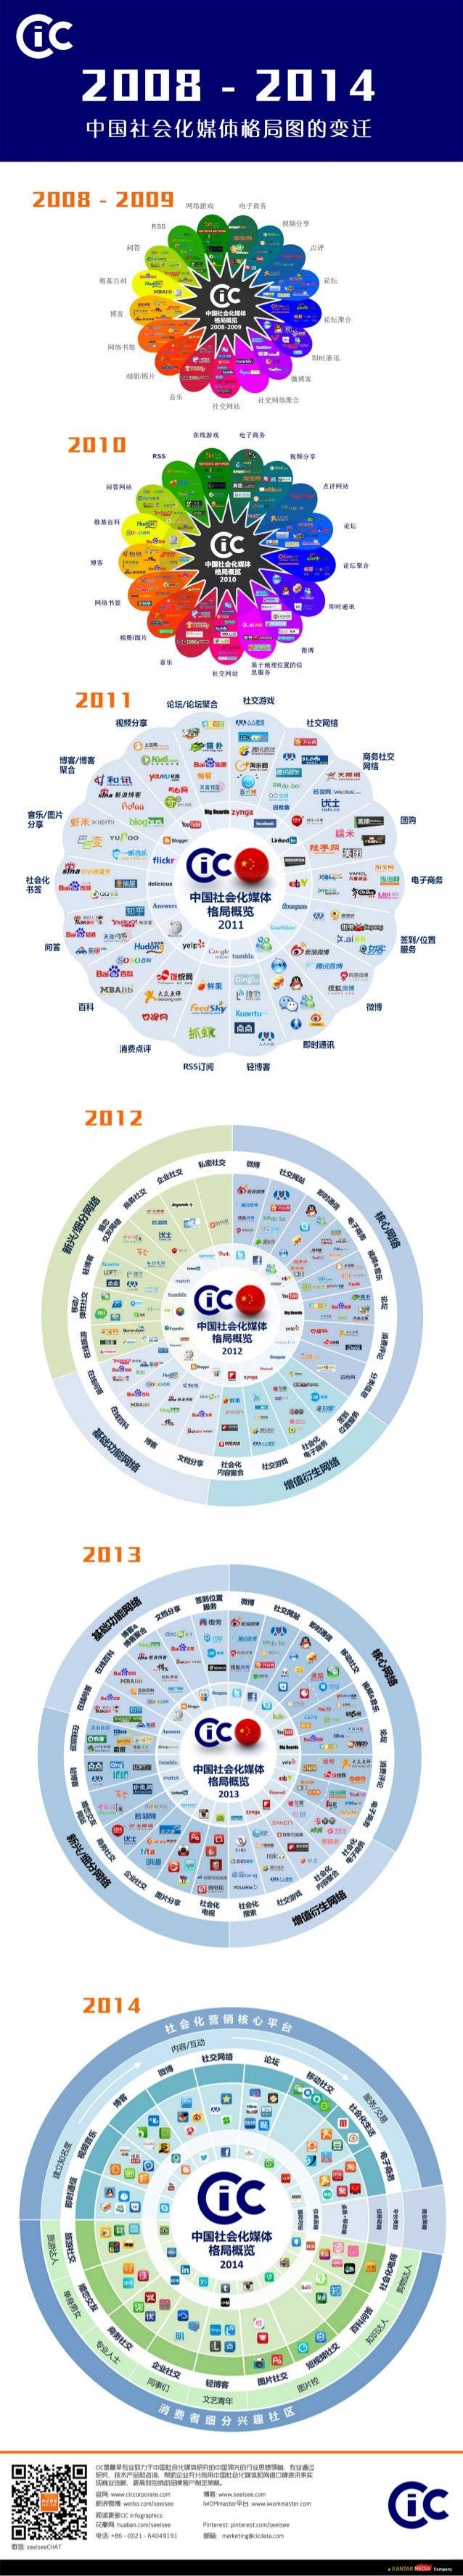 信息图:2008 - 2014 CIC中国社会化媒体格局图的变迁